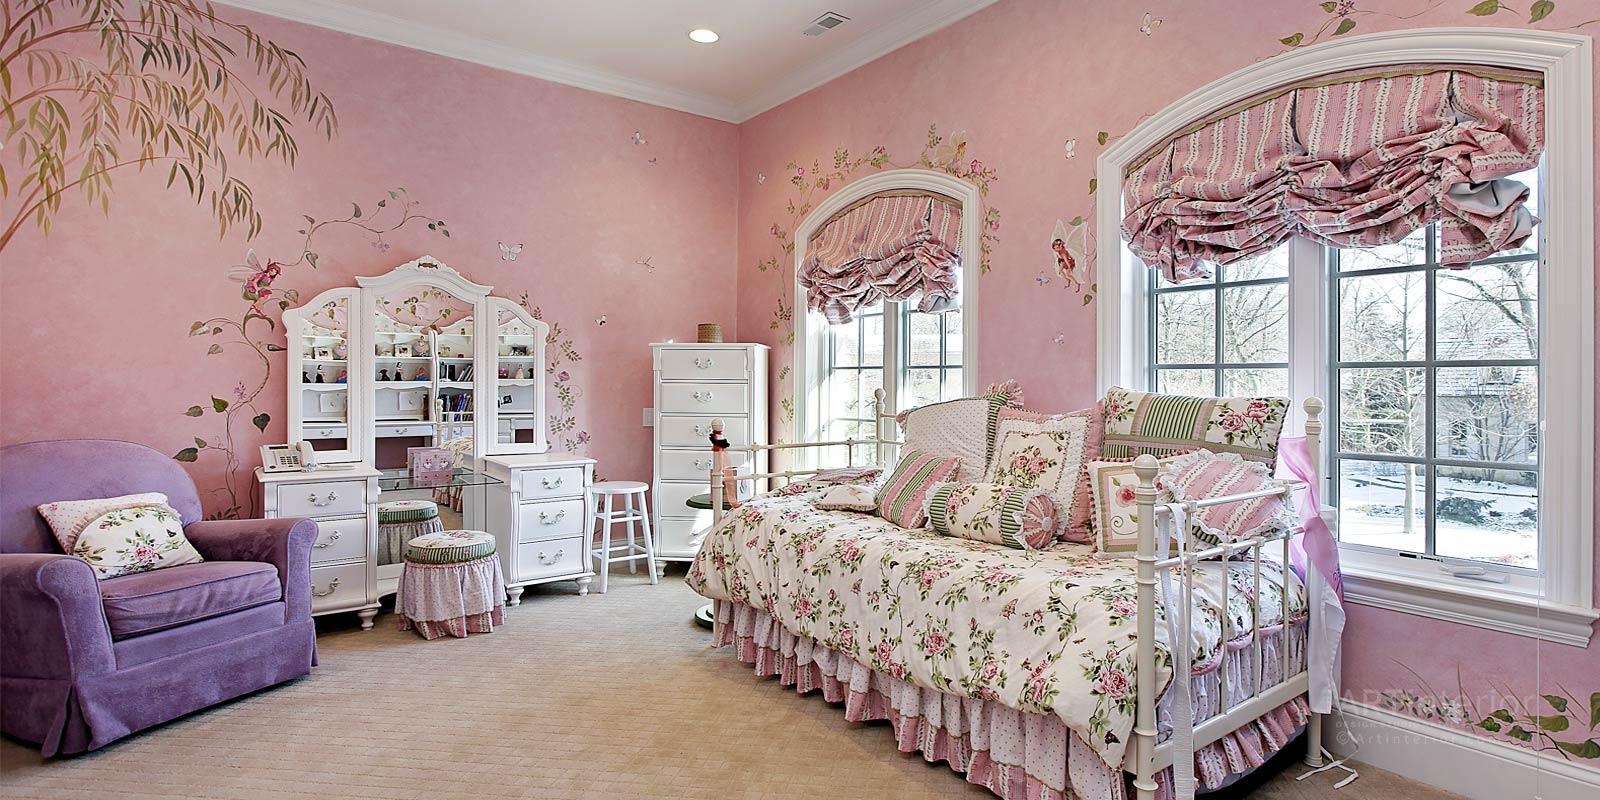 Заказать дизайн интерьера комнаты